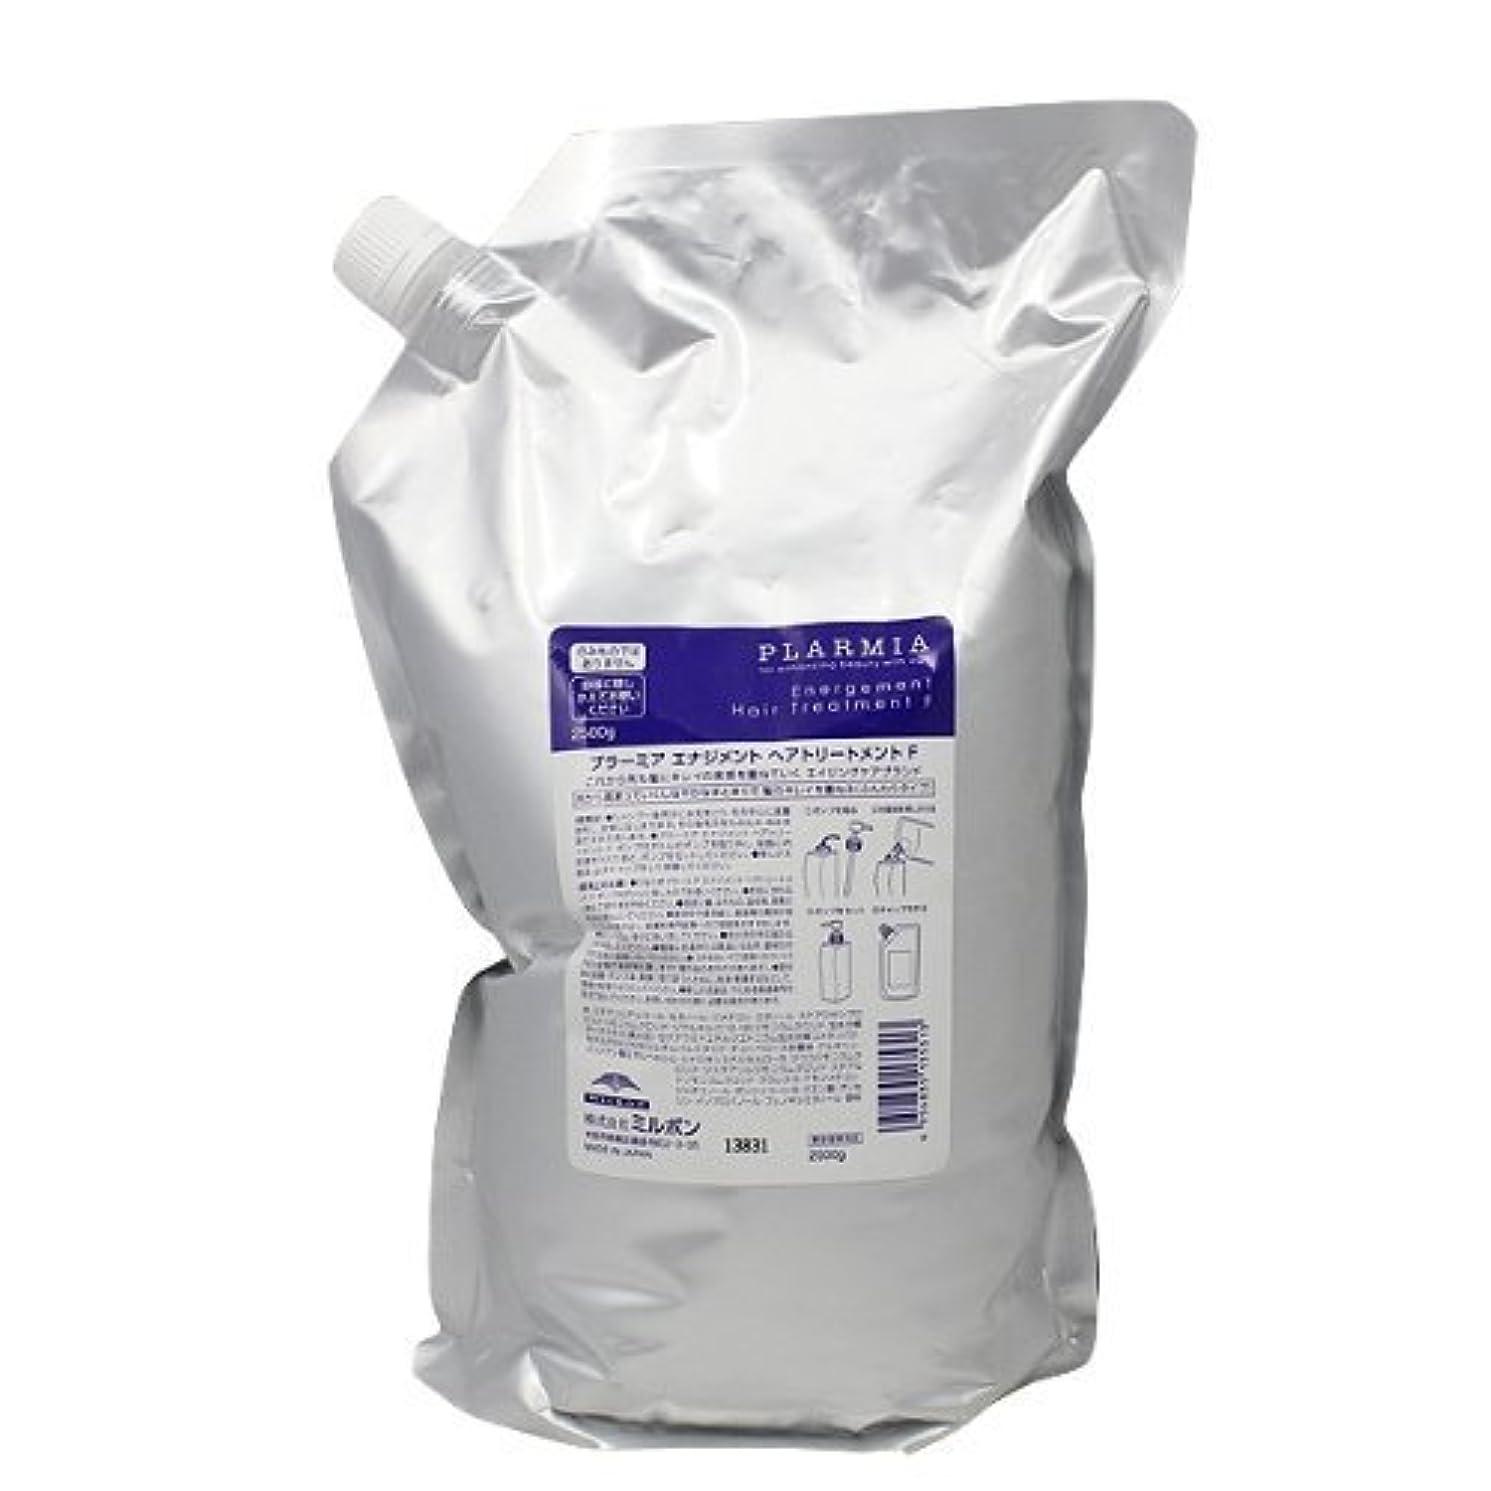 純粋に酸素収容するミルボン プラーミア エナジメントトリートメントF 2500g(レフィル)